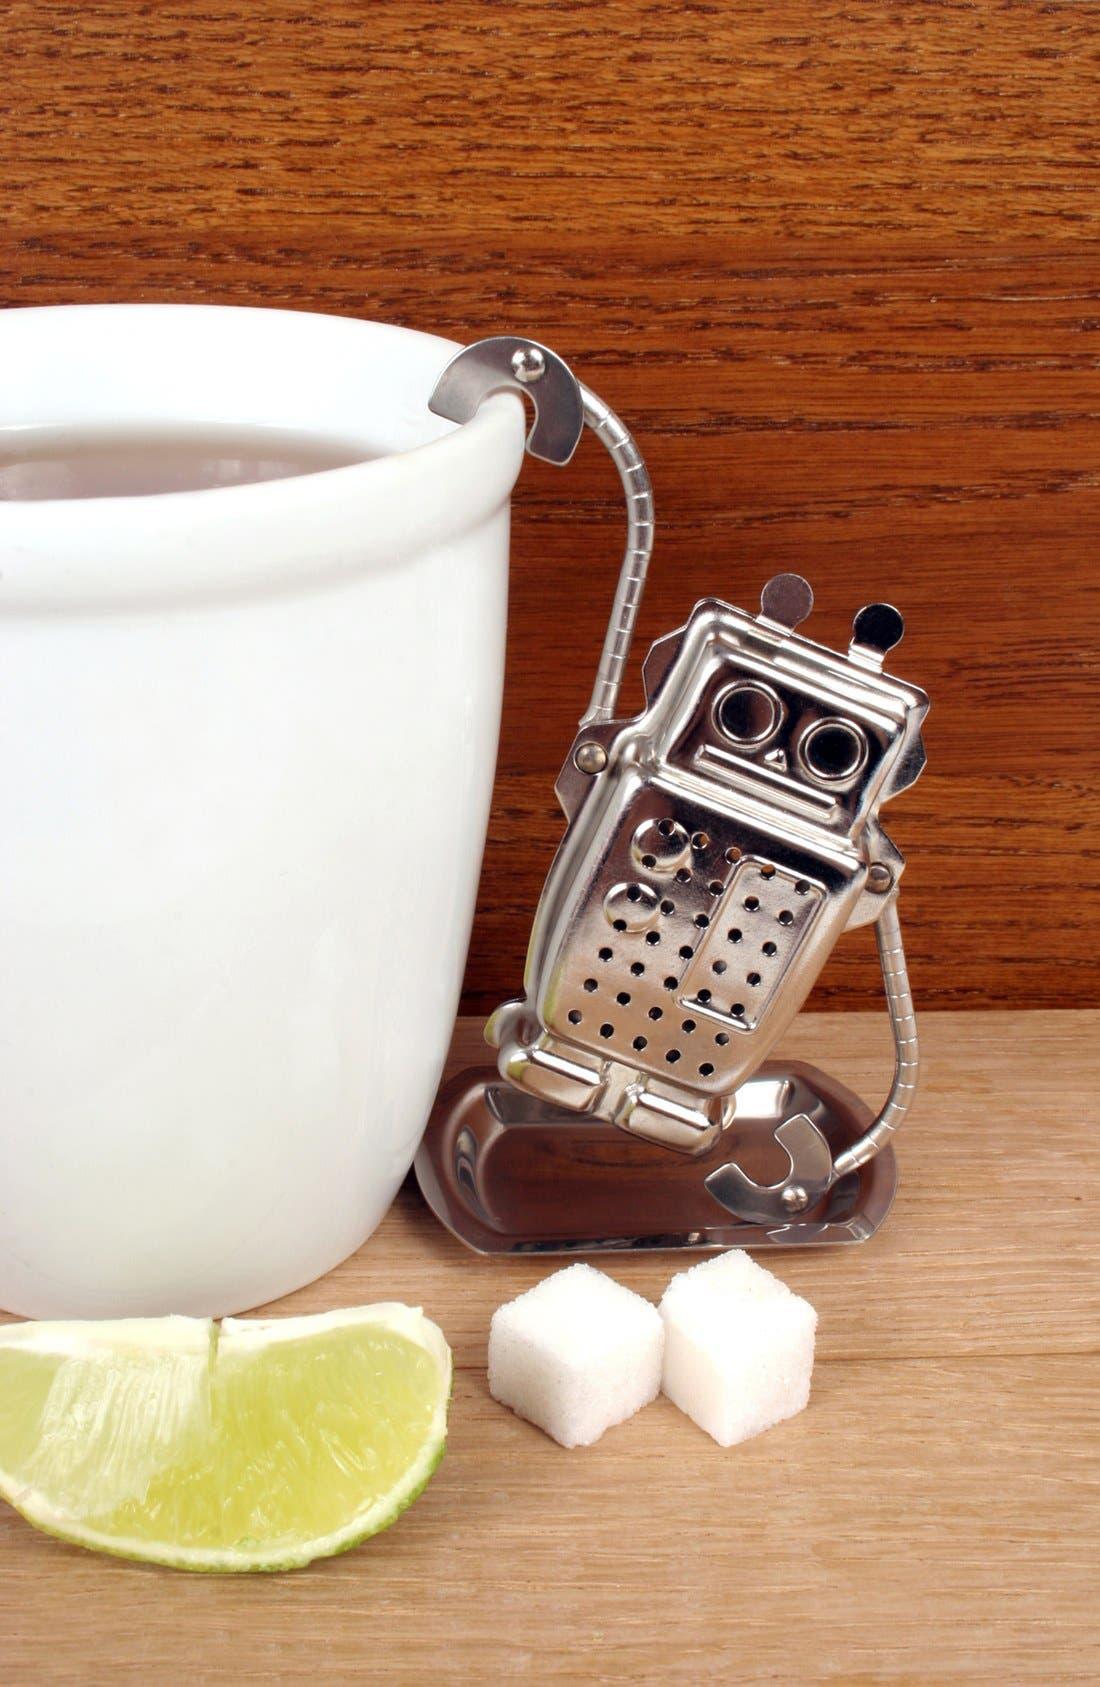 Alternate Image 3  - Kikkerland Design Robot Tea Infuser